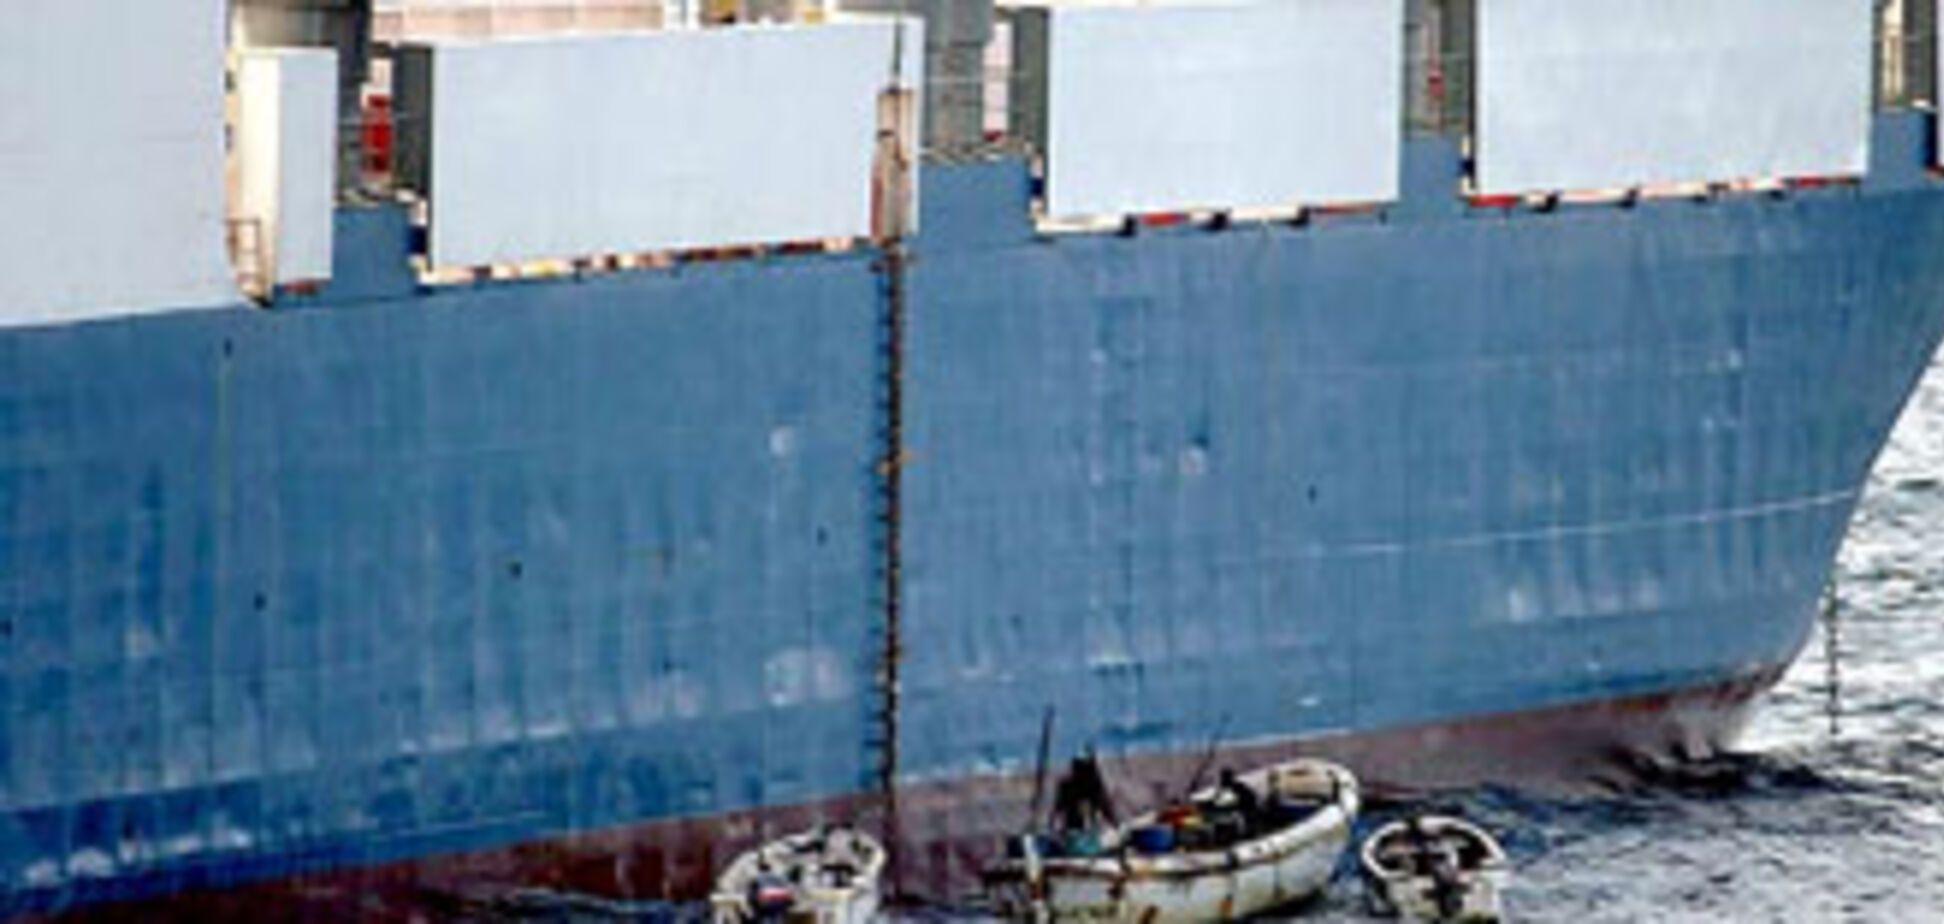 Моряки з 'Фаїни' отримають зарплату в подвійному розмірі